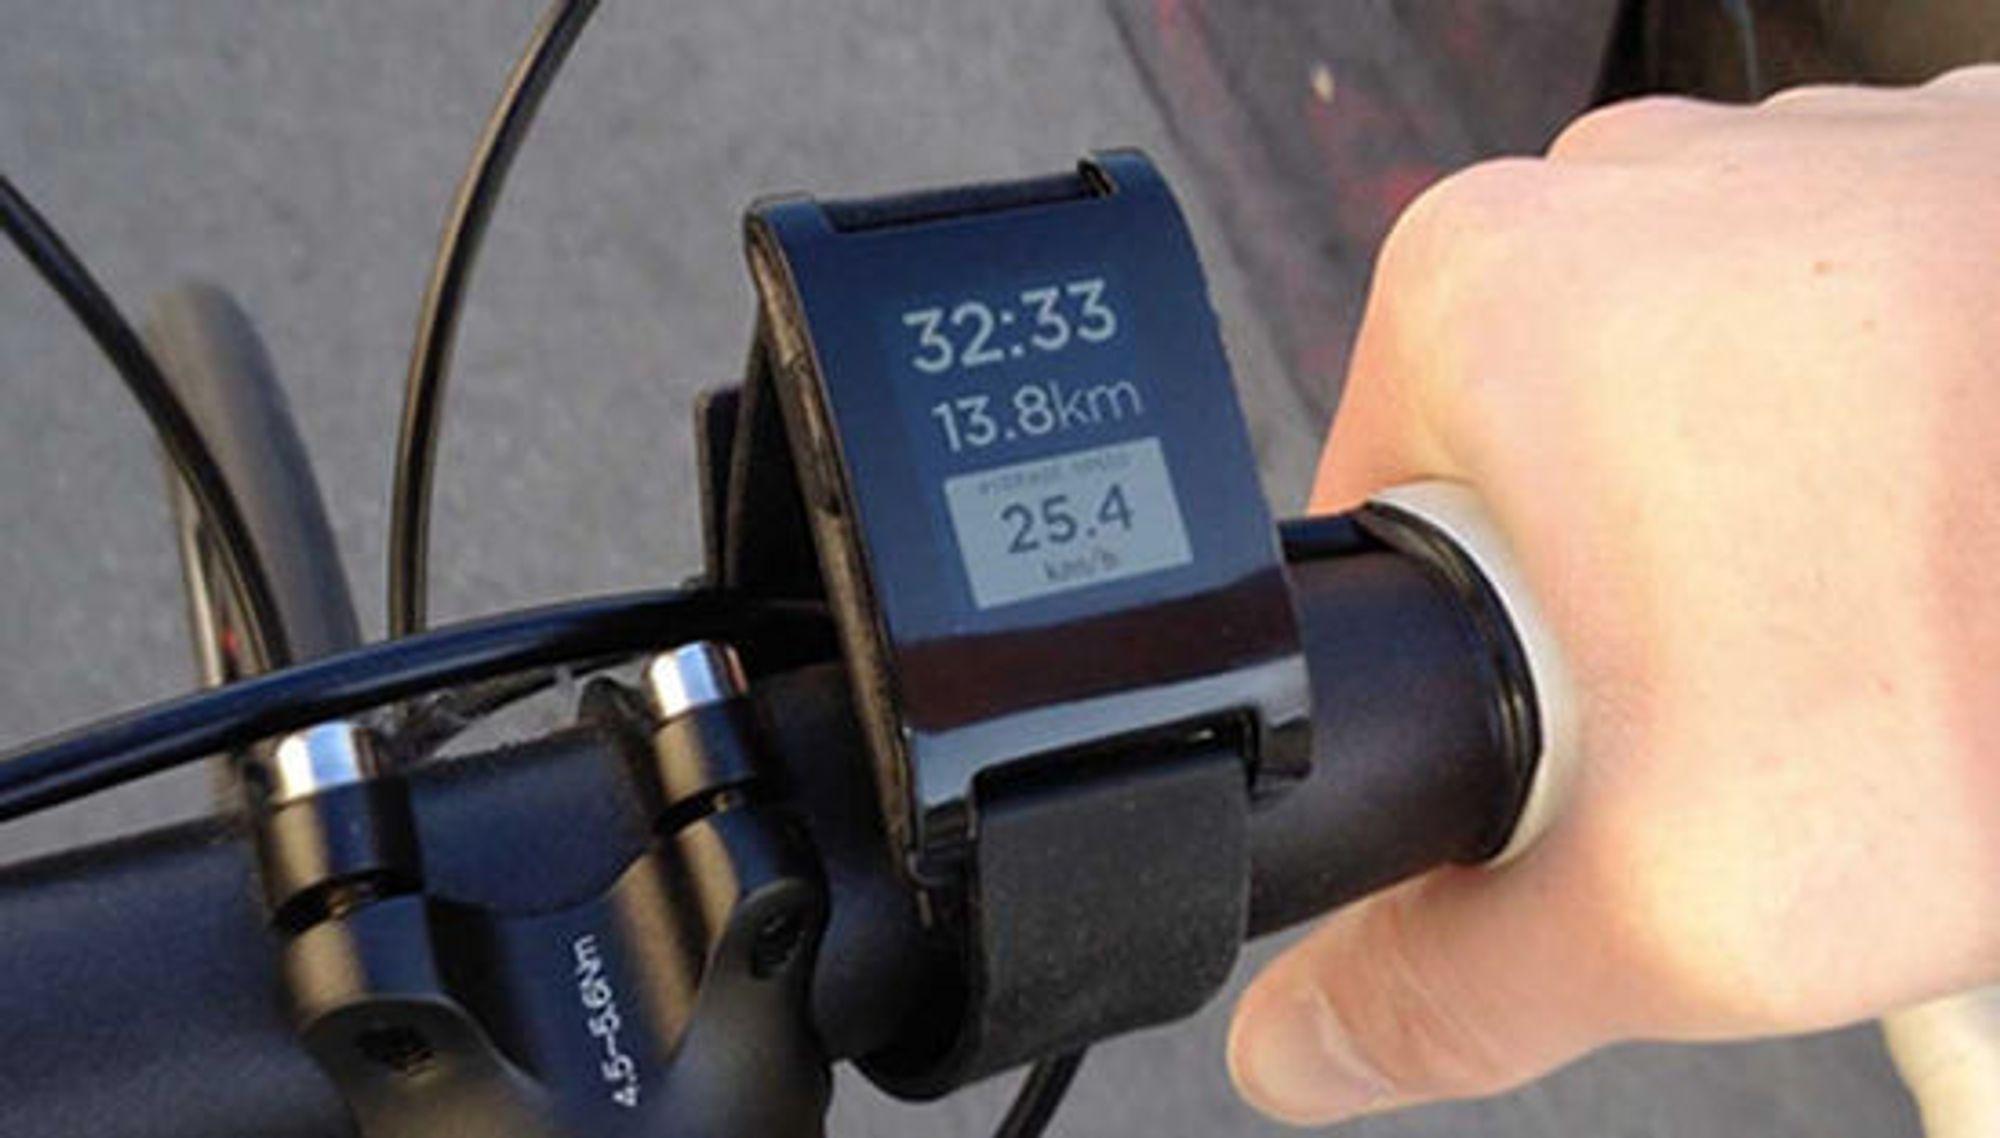 Sykkelapplikasjonen til Pebble henter posisjonsdata fra smartmobilen, og erstatter sykkelcomputeren.